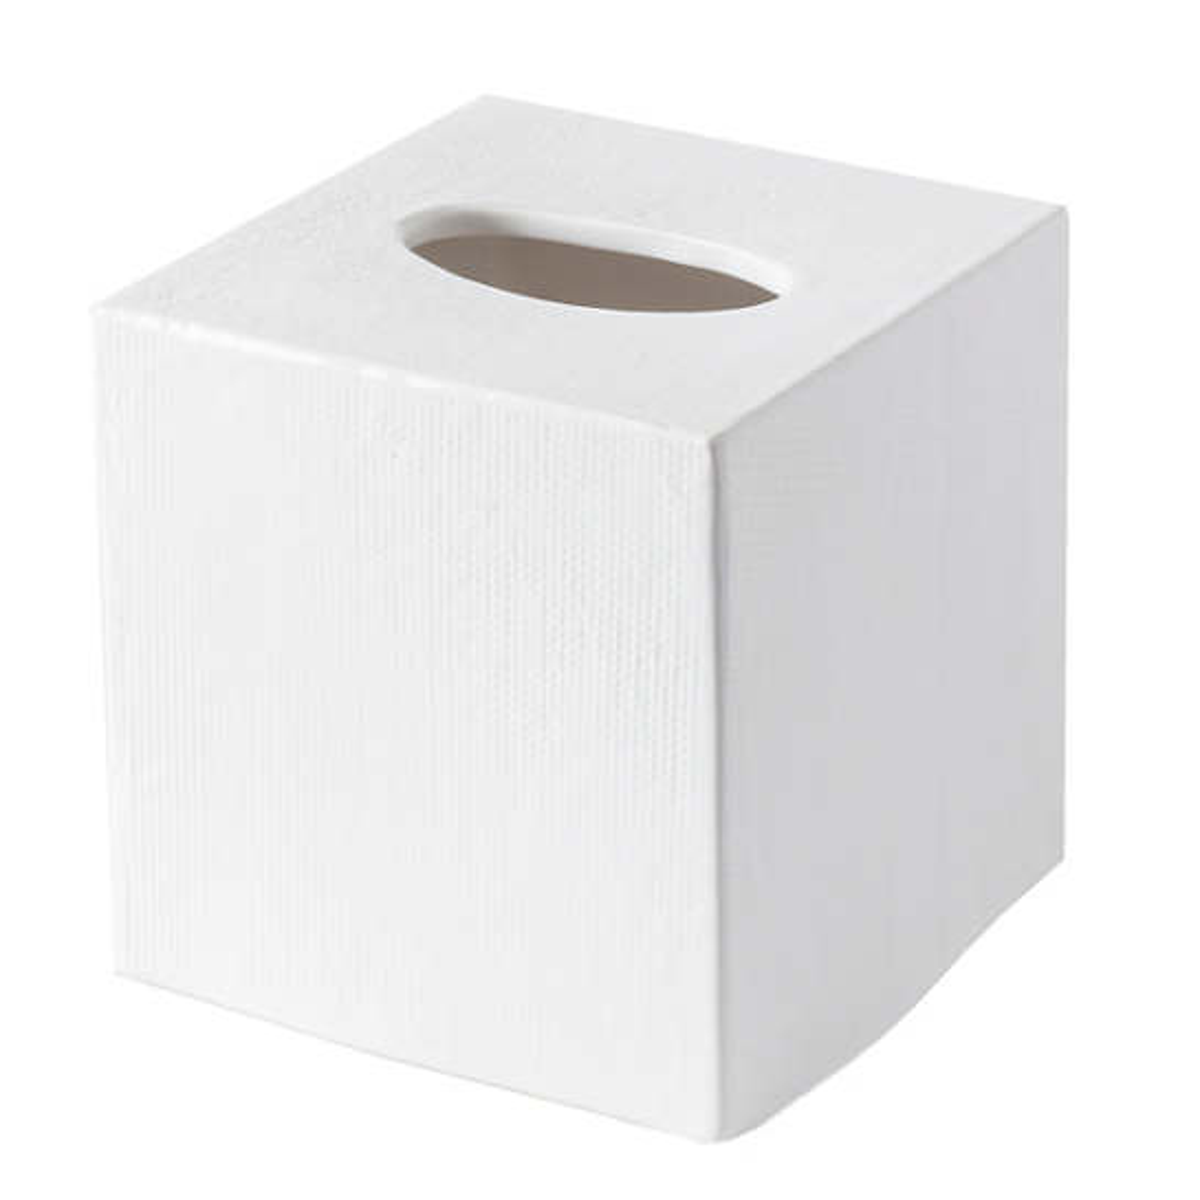 Cordoba White Burlap Tissue Box